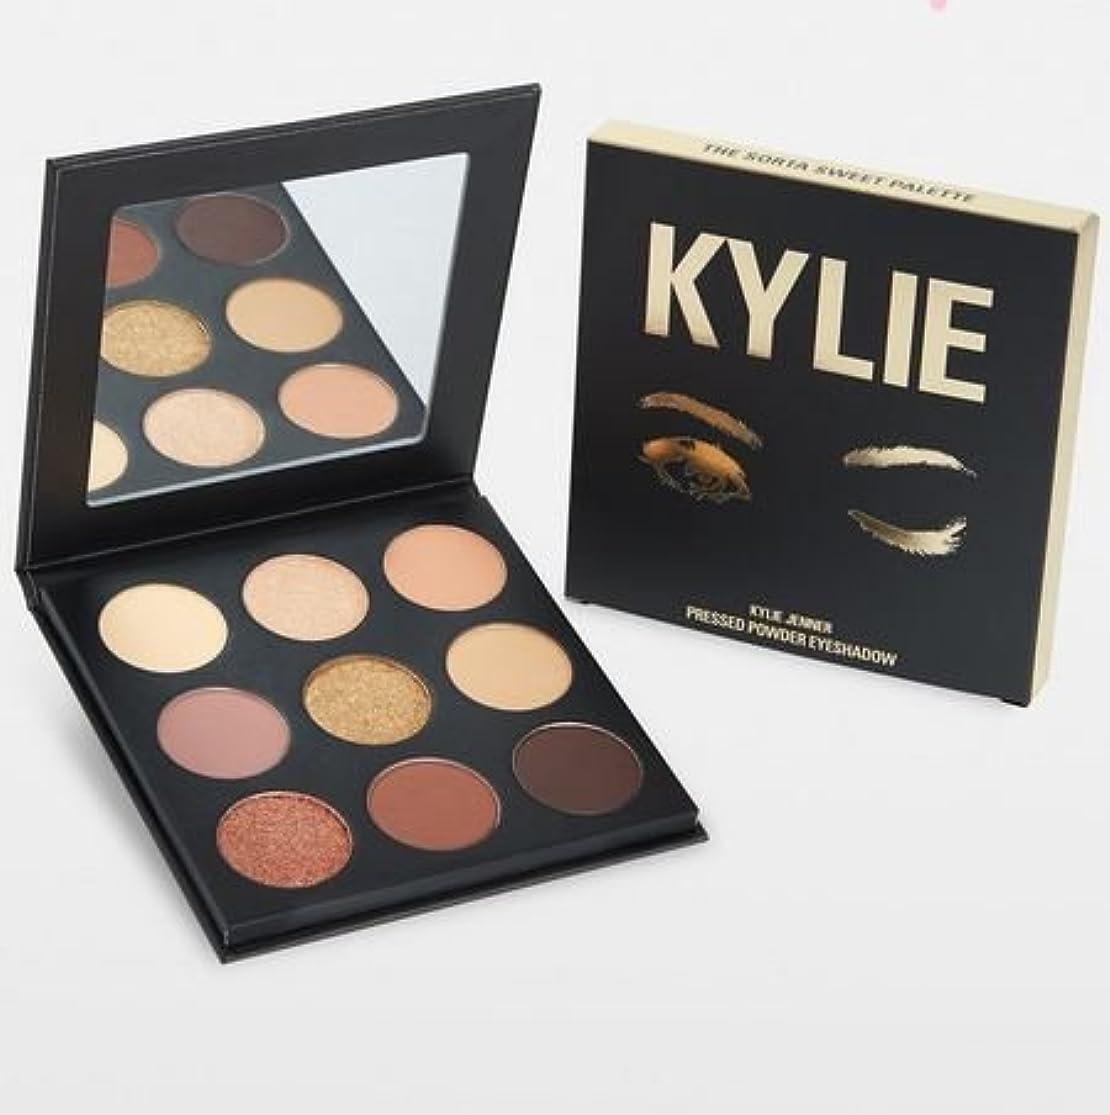 シェードレガシー満了Kylie Cosmetics The Sorta Sweet Palette | Kyshadow カイリーコスメティックス